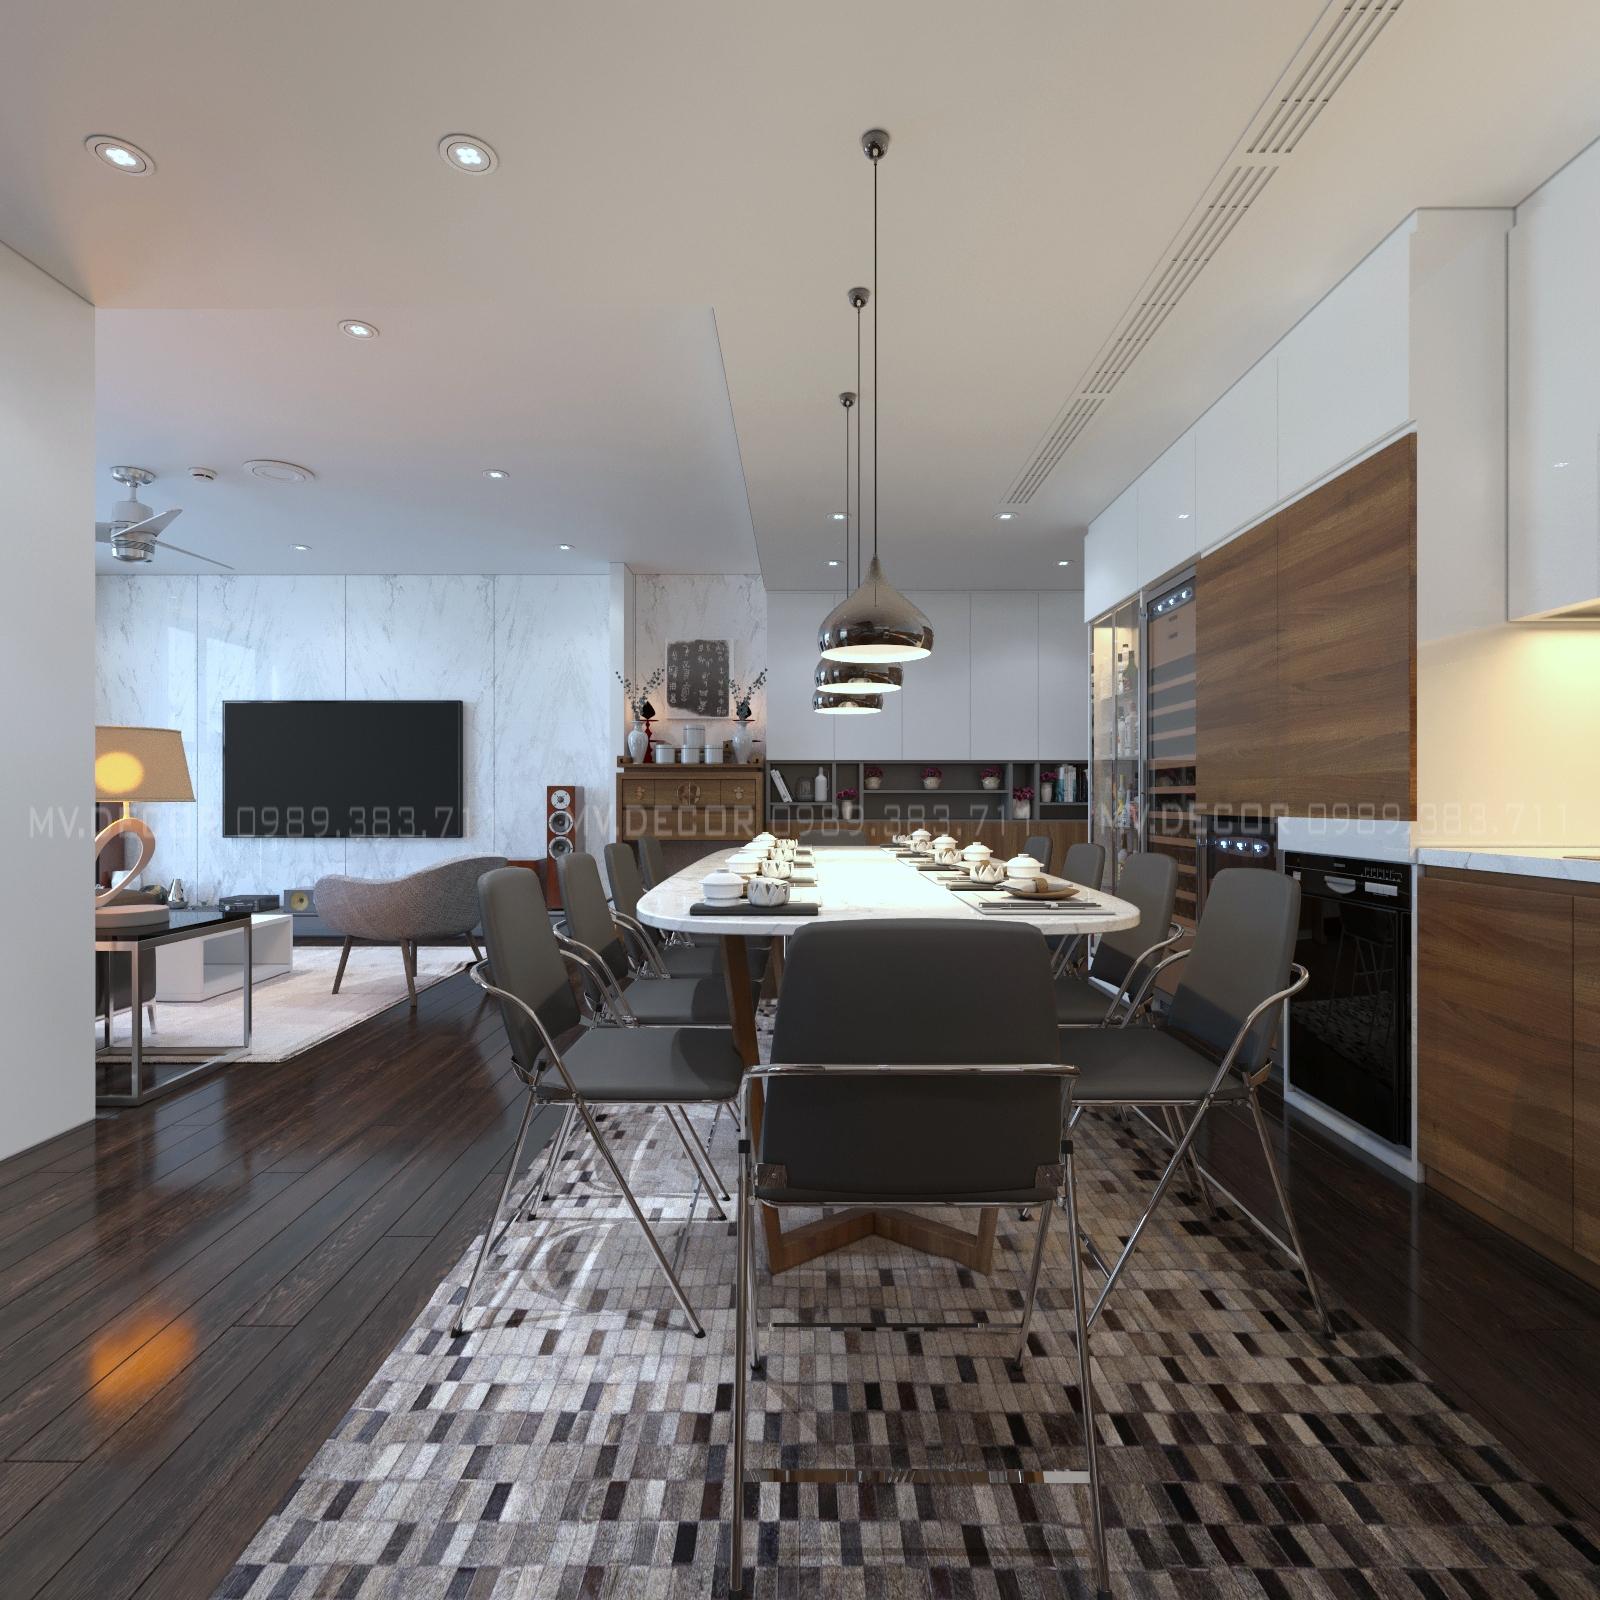 thiết kế nội thất chung cư tại Hà Nội duplex tân hoàng minh hoàng cầu 2 1550072049